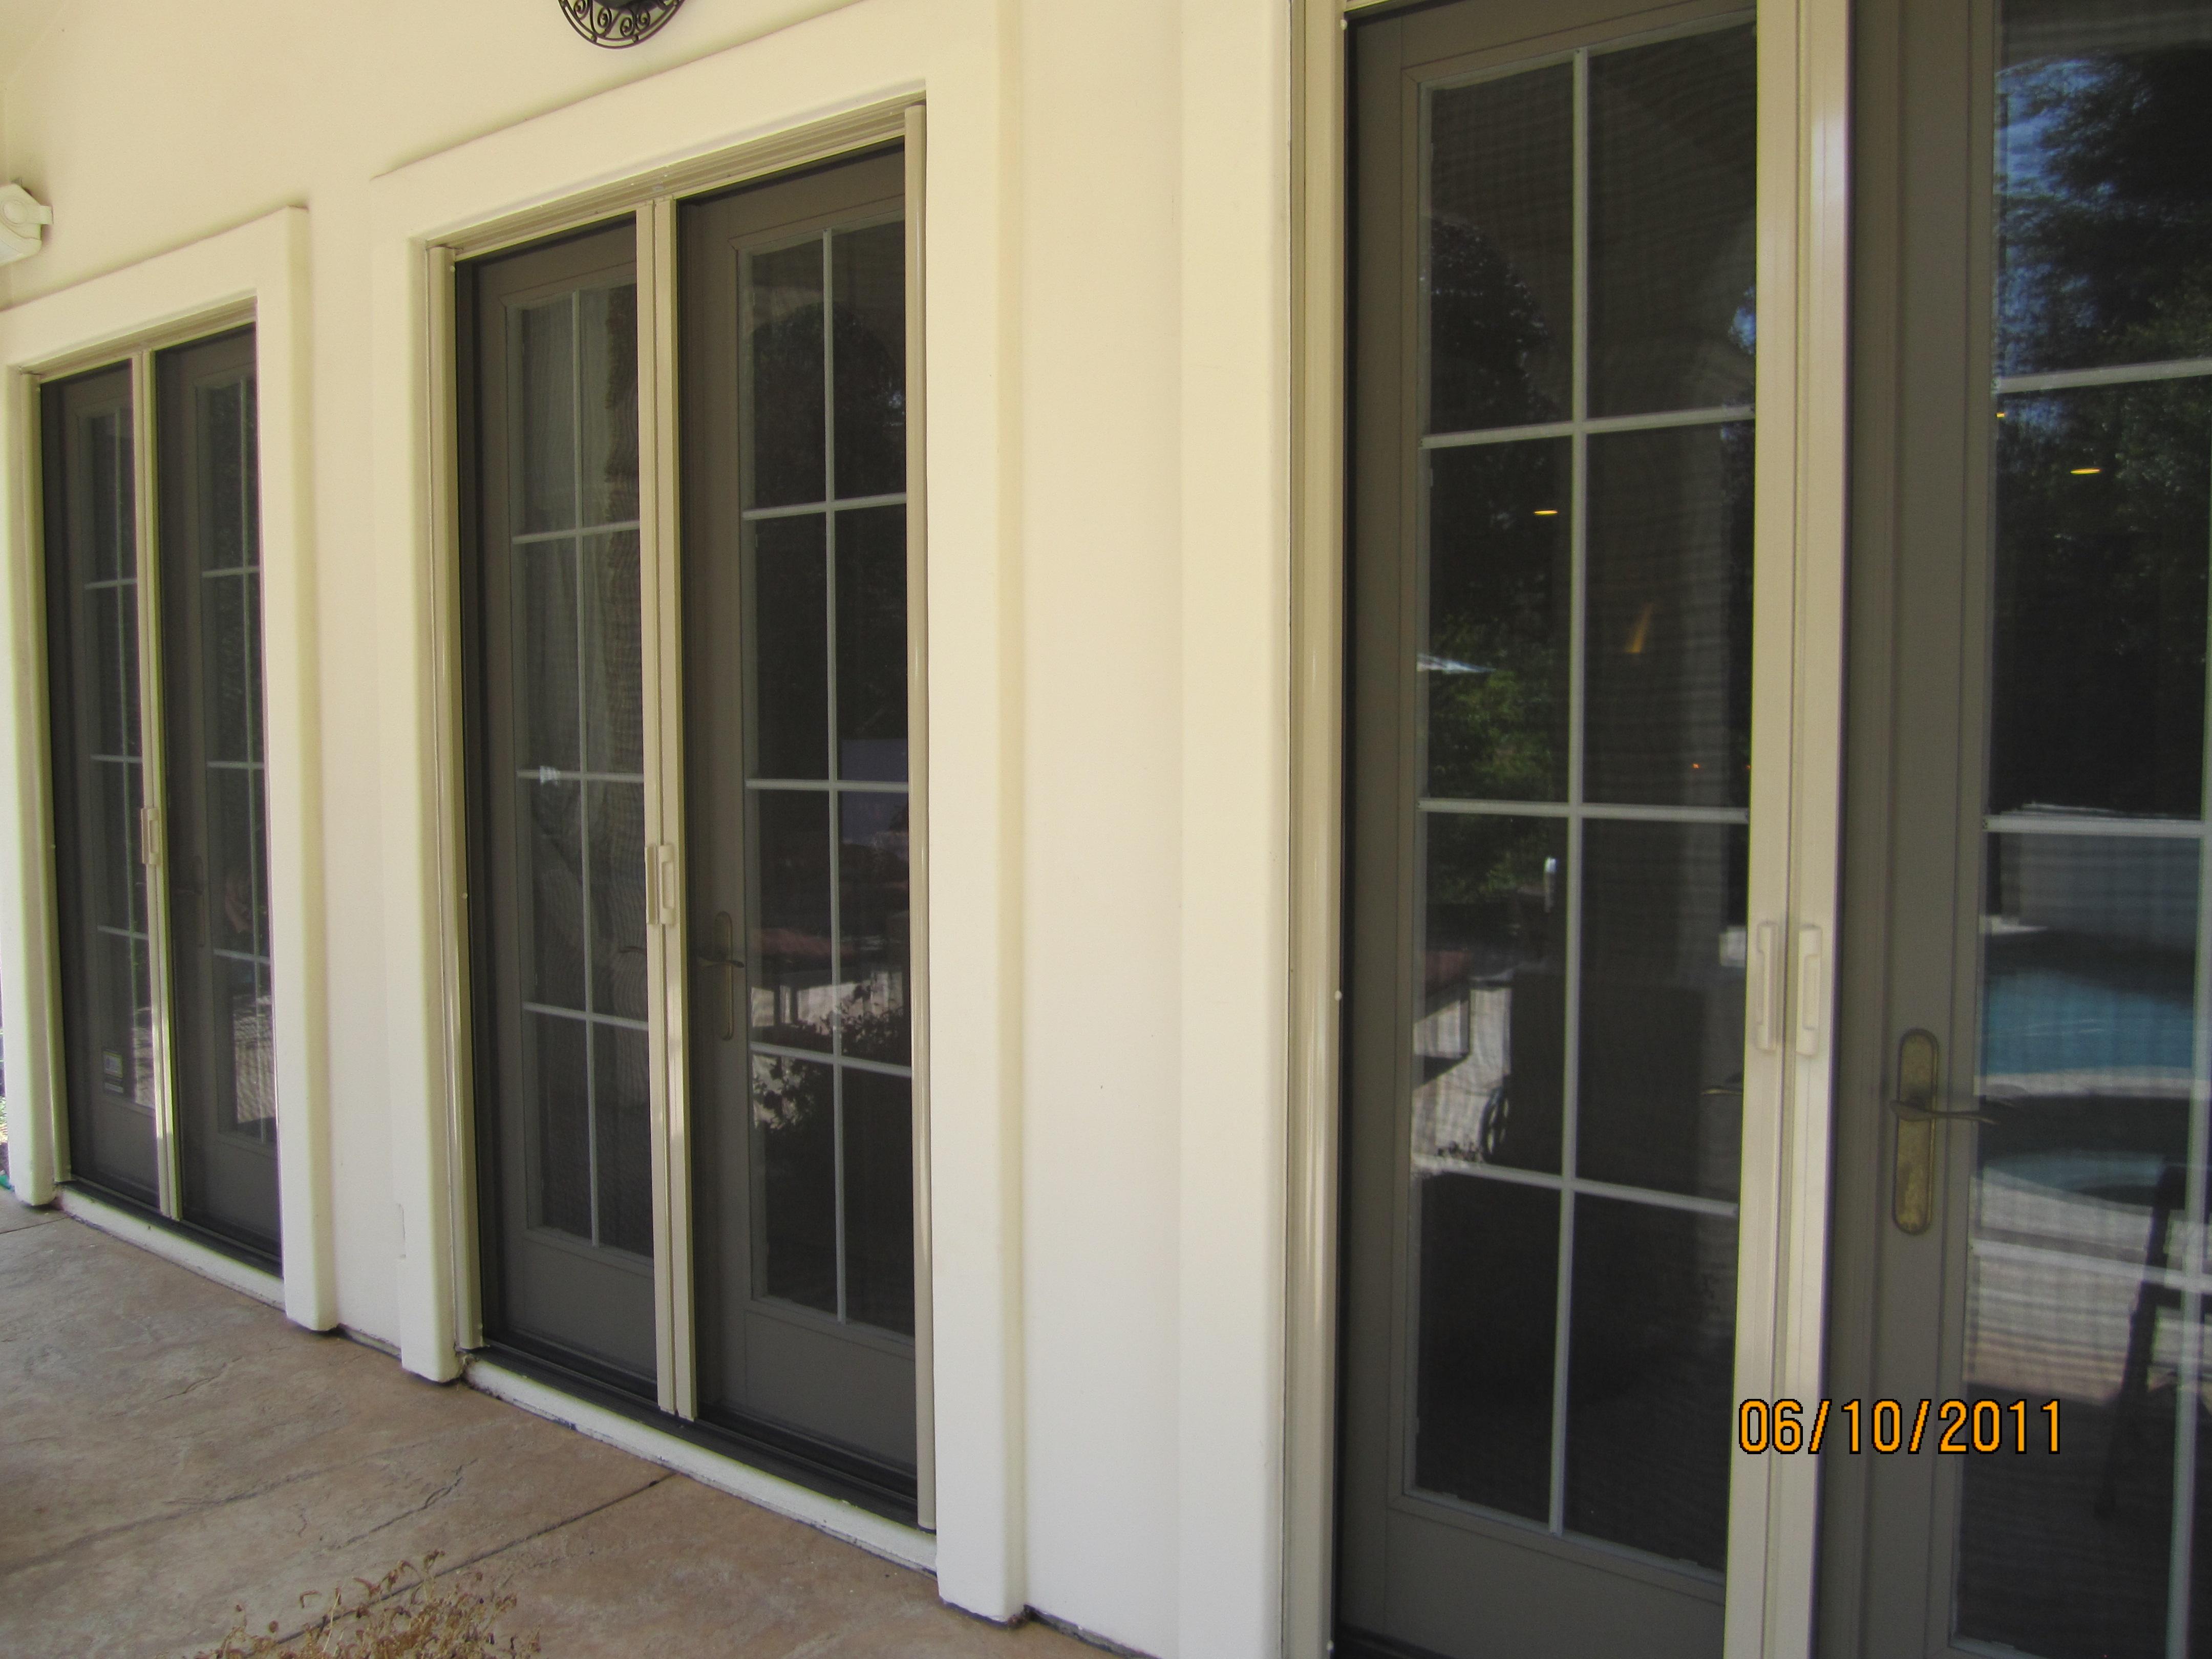 Fullsize Of Screens For French Doors